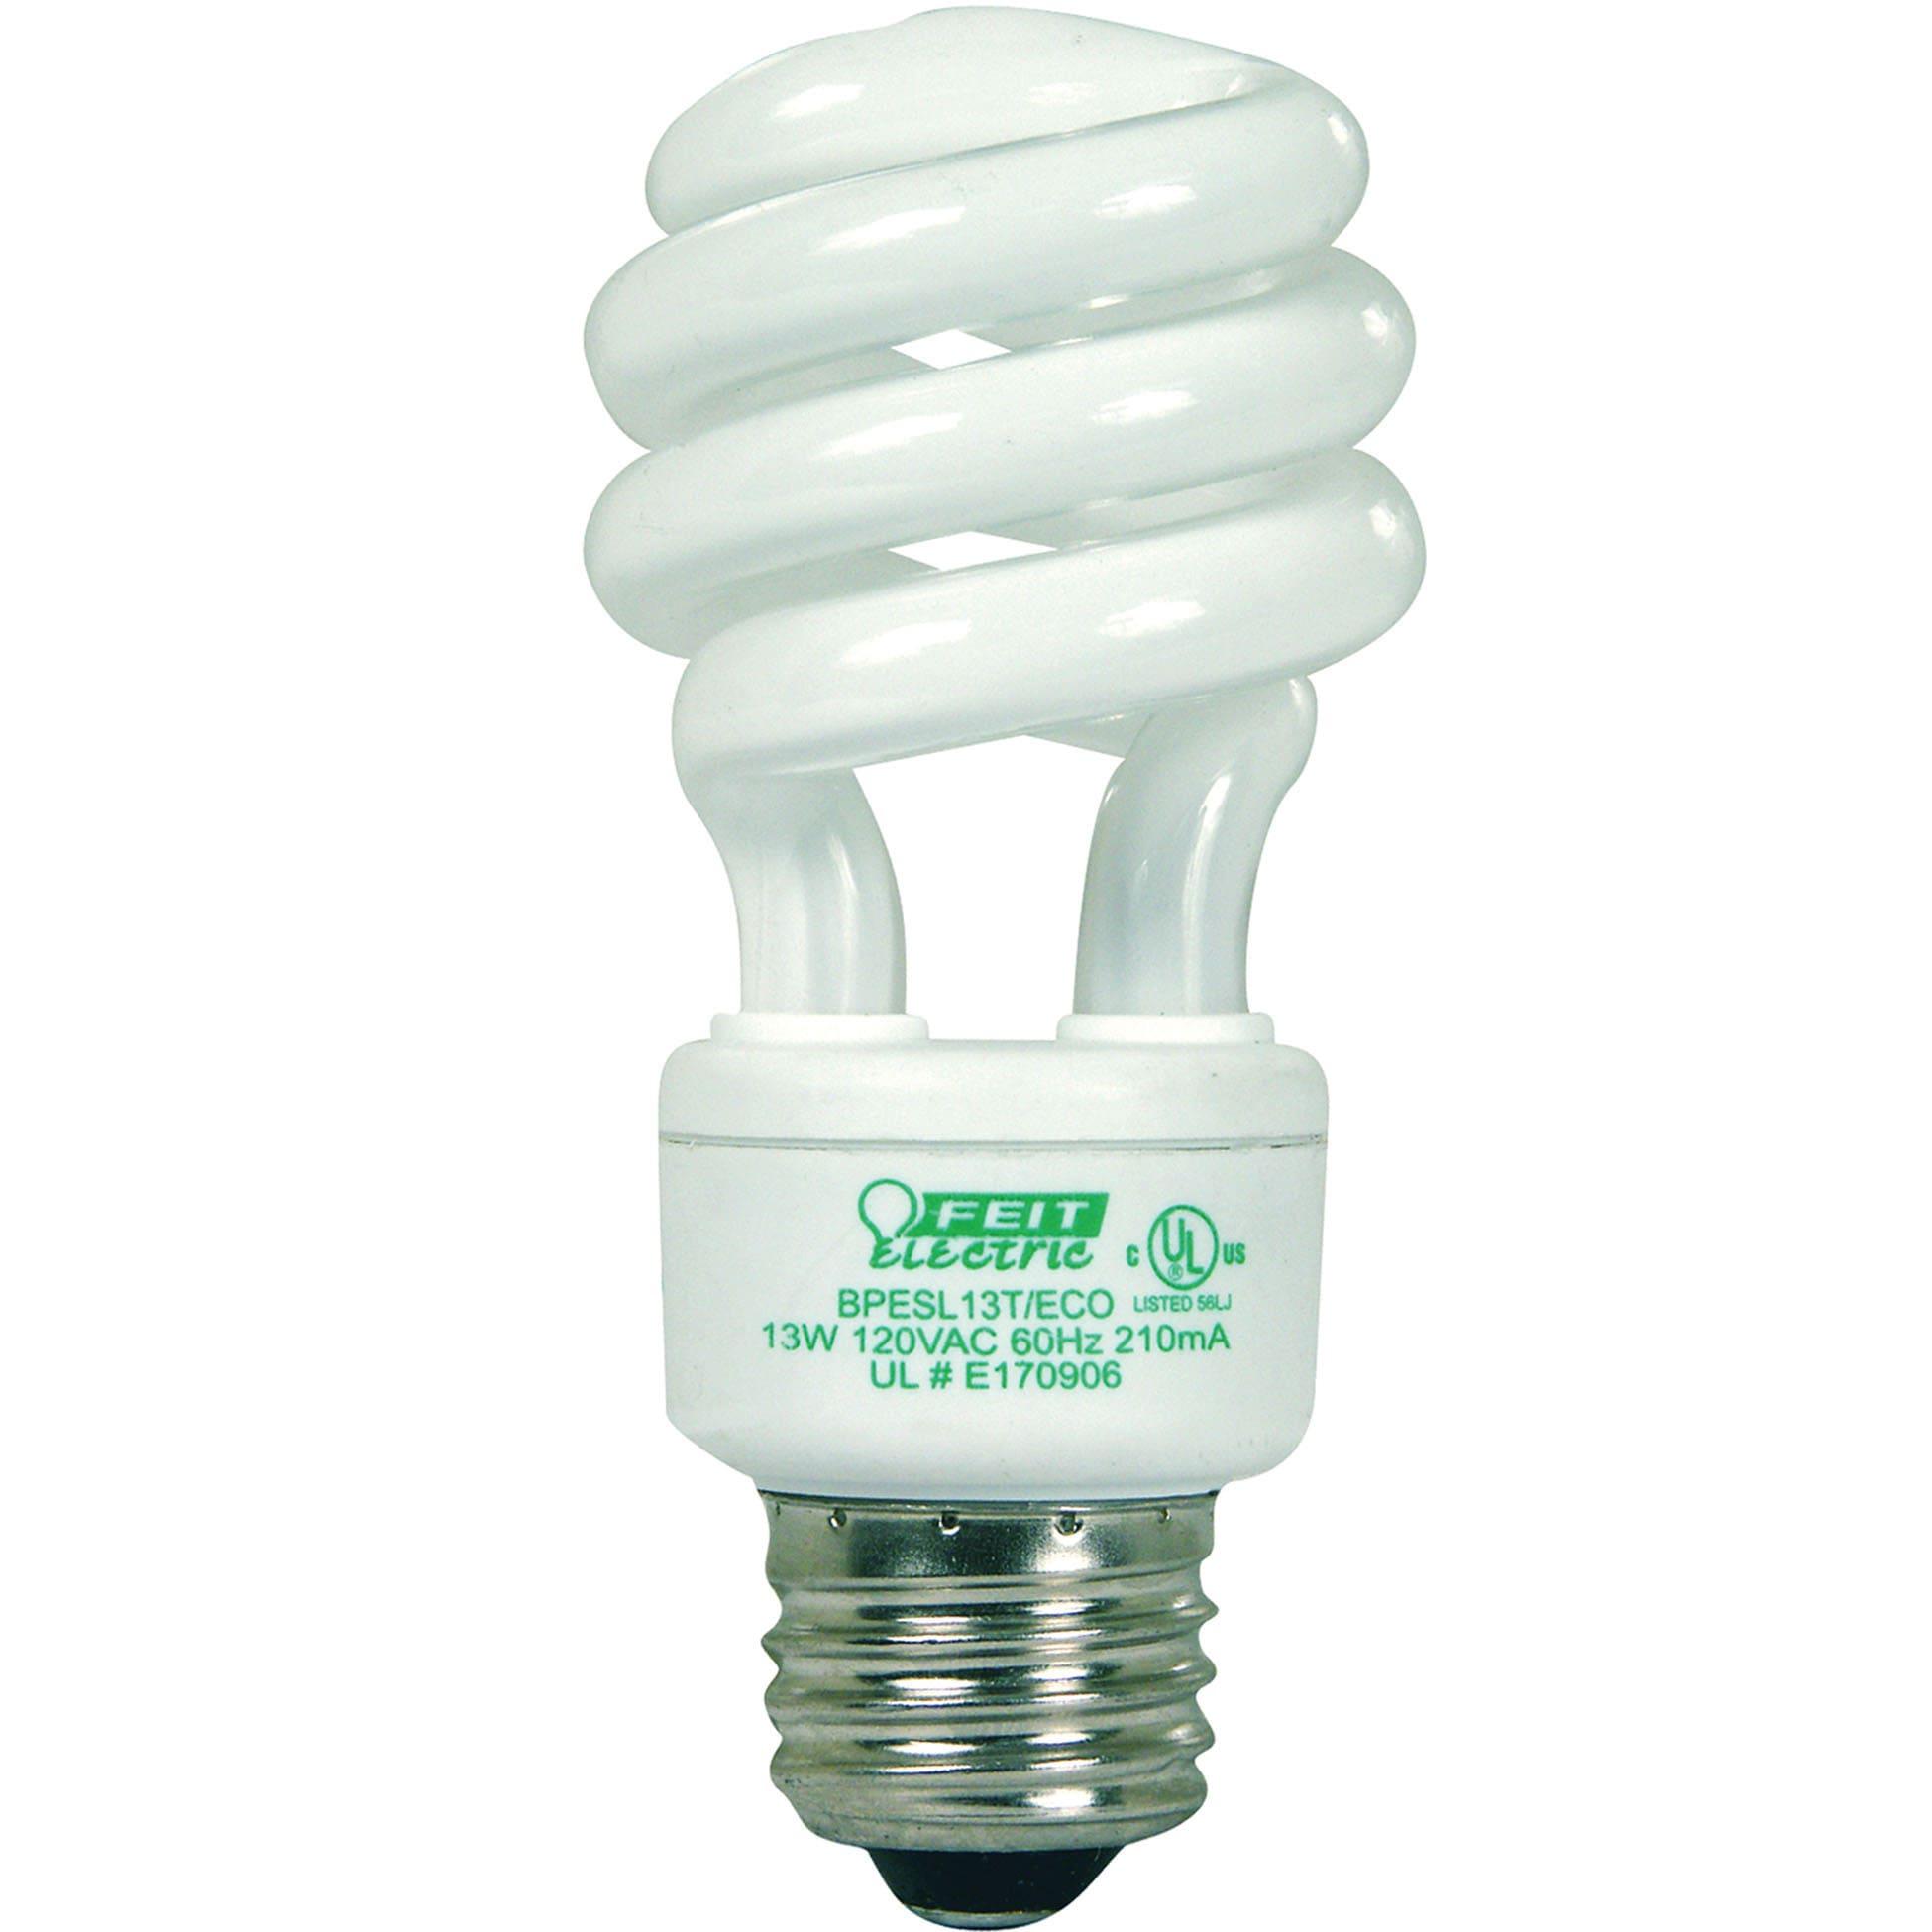 FEIT Electric BPESL13T/ECO 13 Watt Compact Fluorescent Li...